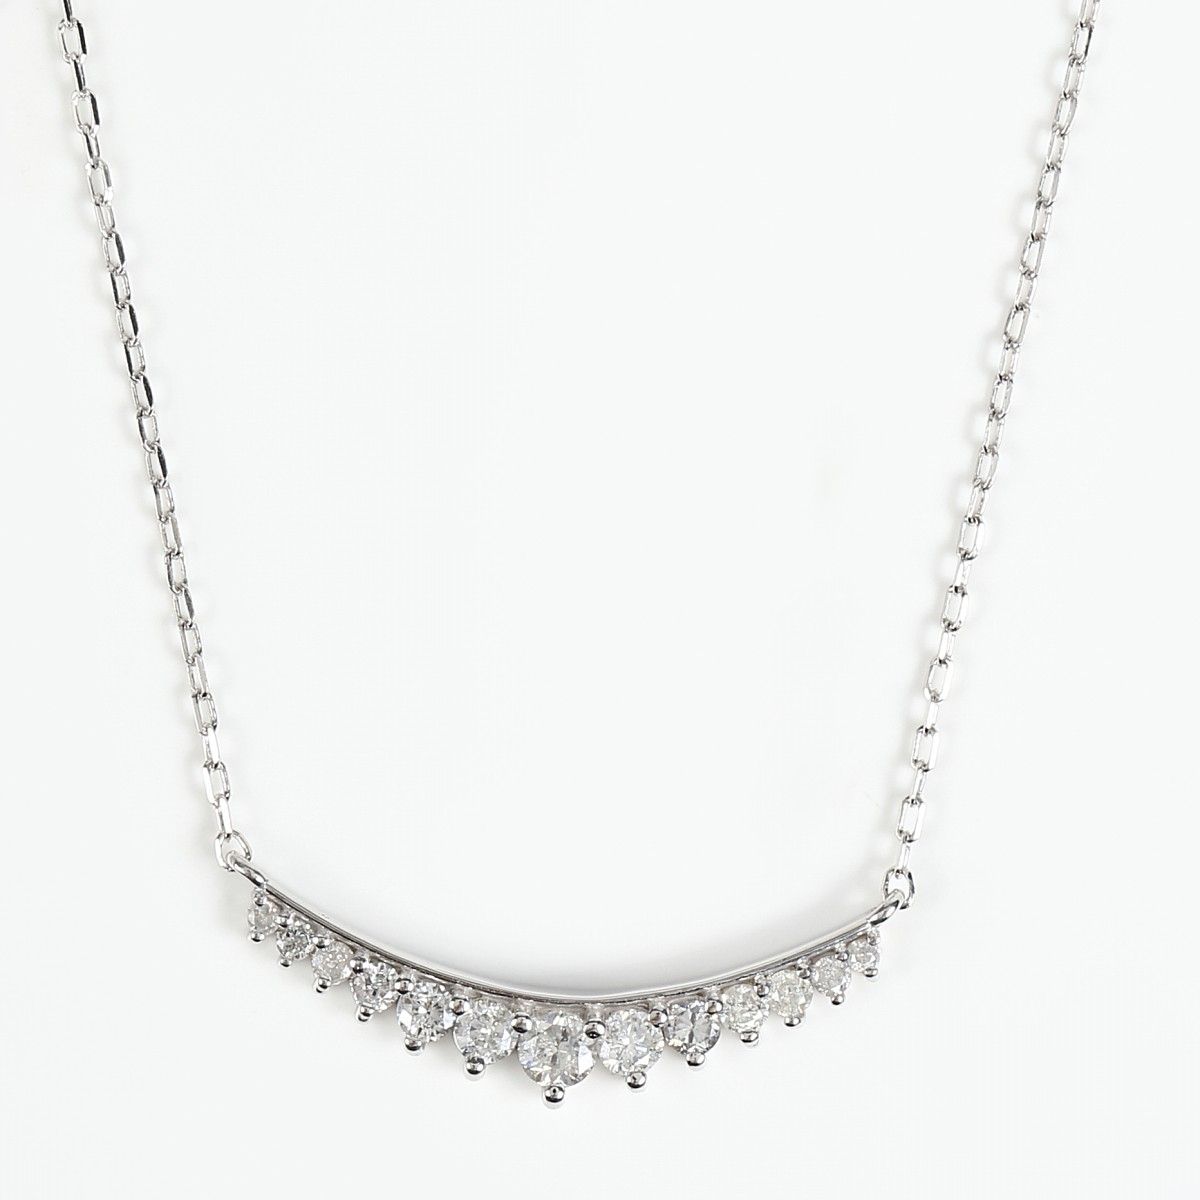 K18WG ダイヤモンドネックレス ダイヤ 0.22ct (K18WG アズキチェーン 40cm)